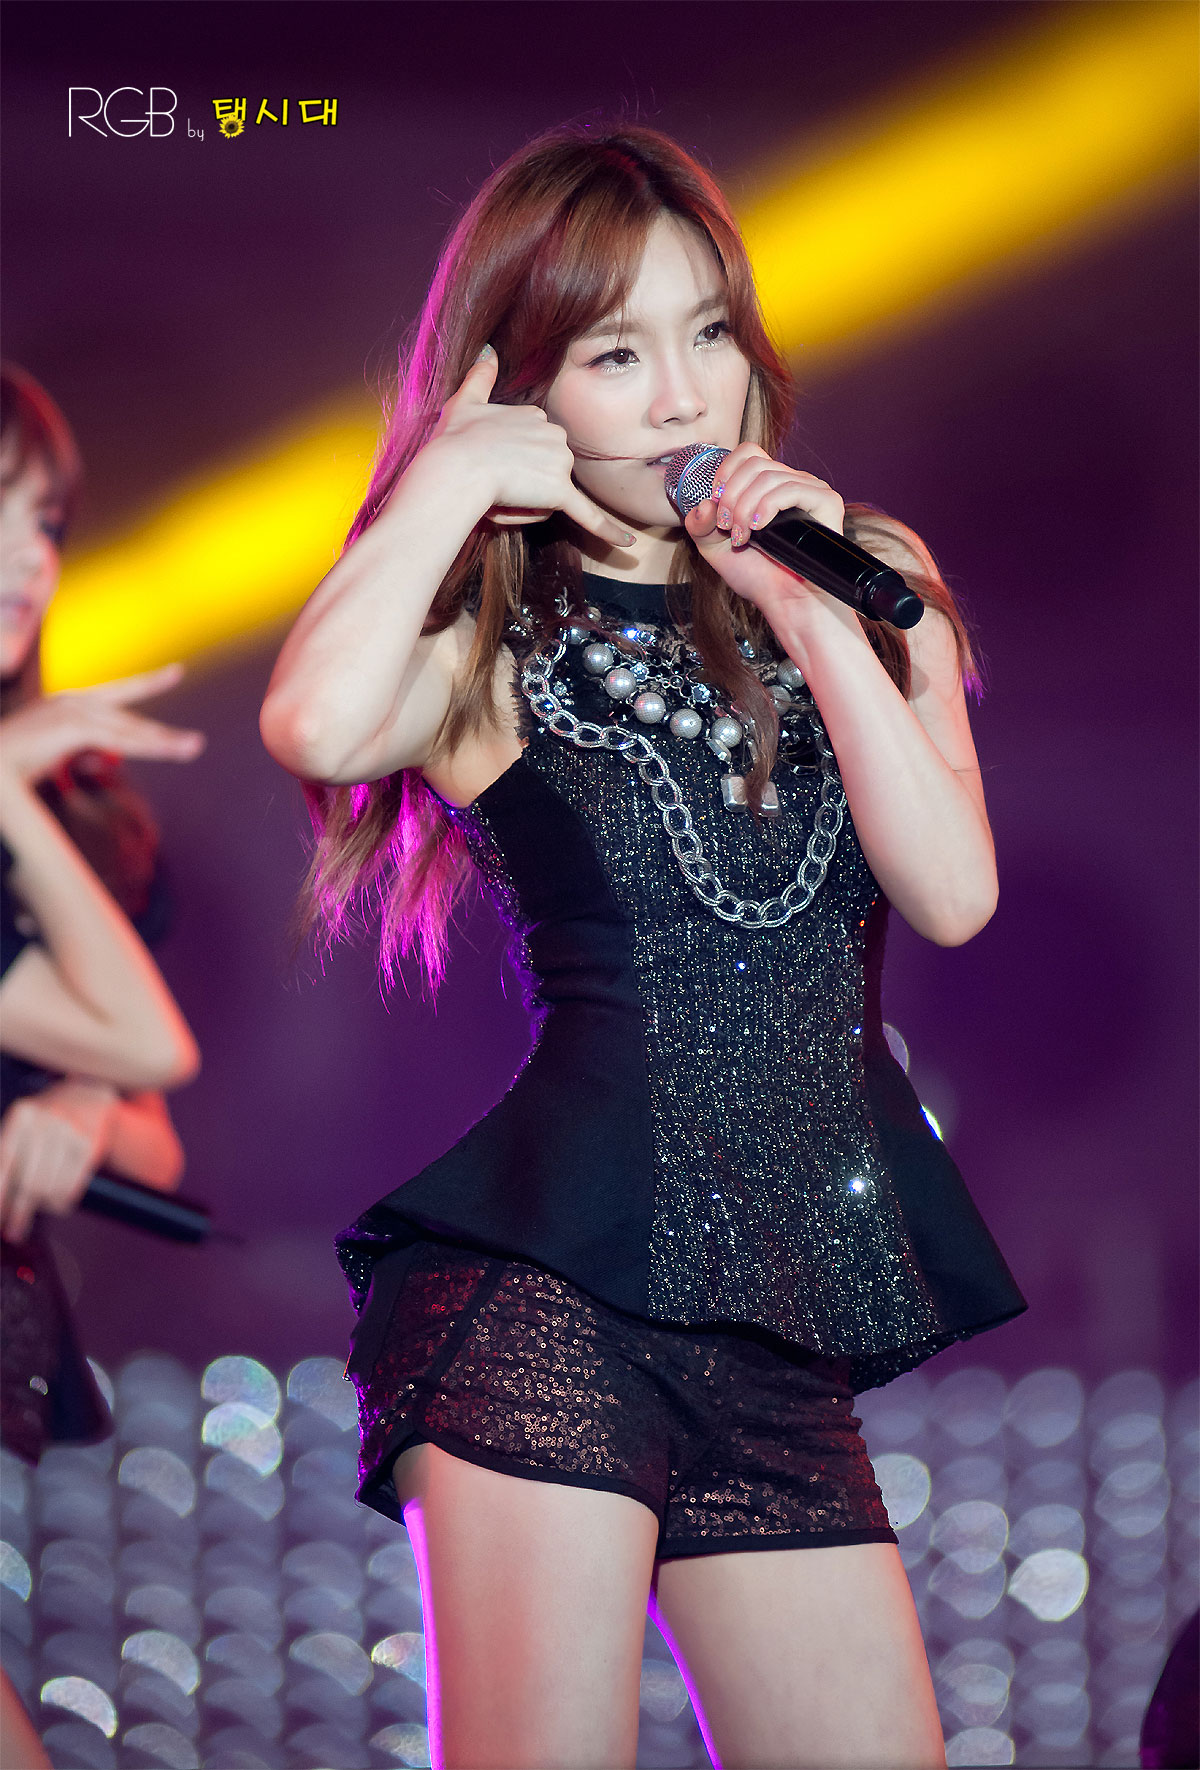 [PICS][20/7/2012] Taeyeon @ Yeosu Expo Concert 201 Taeyeon-yeosu-concert-2